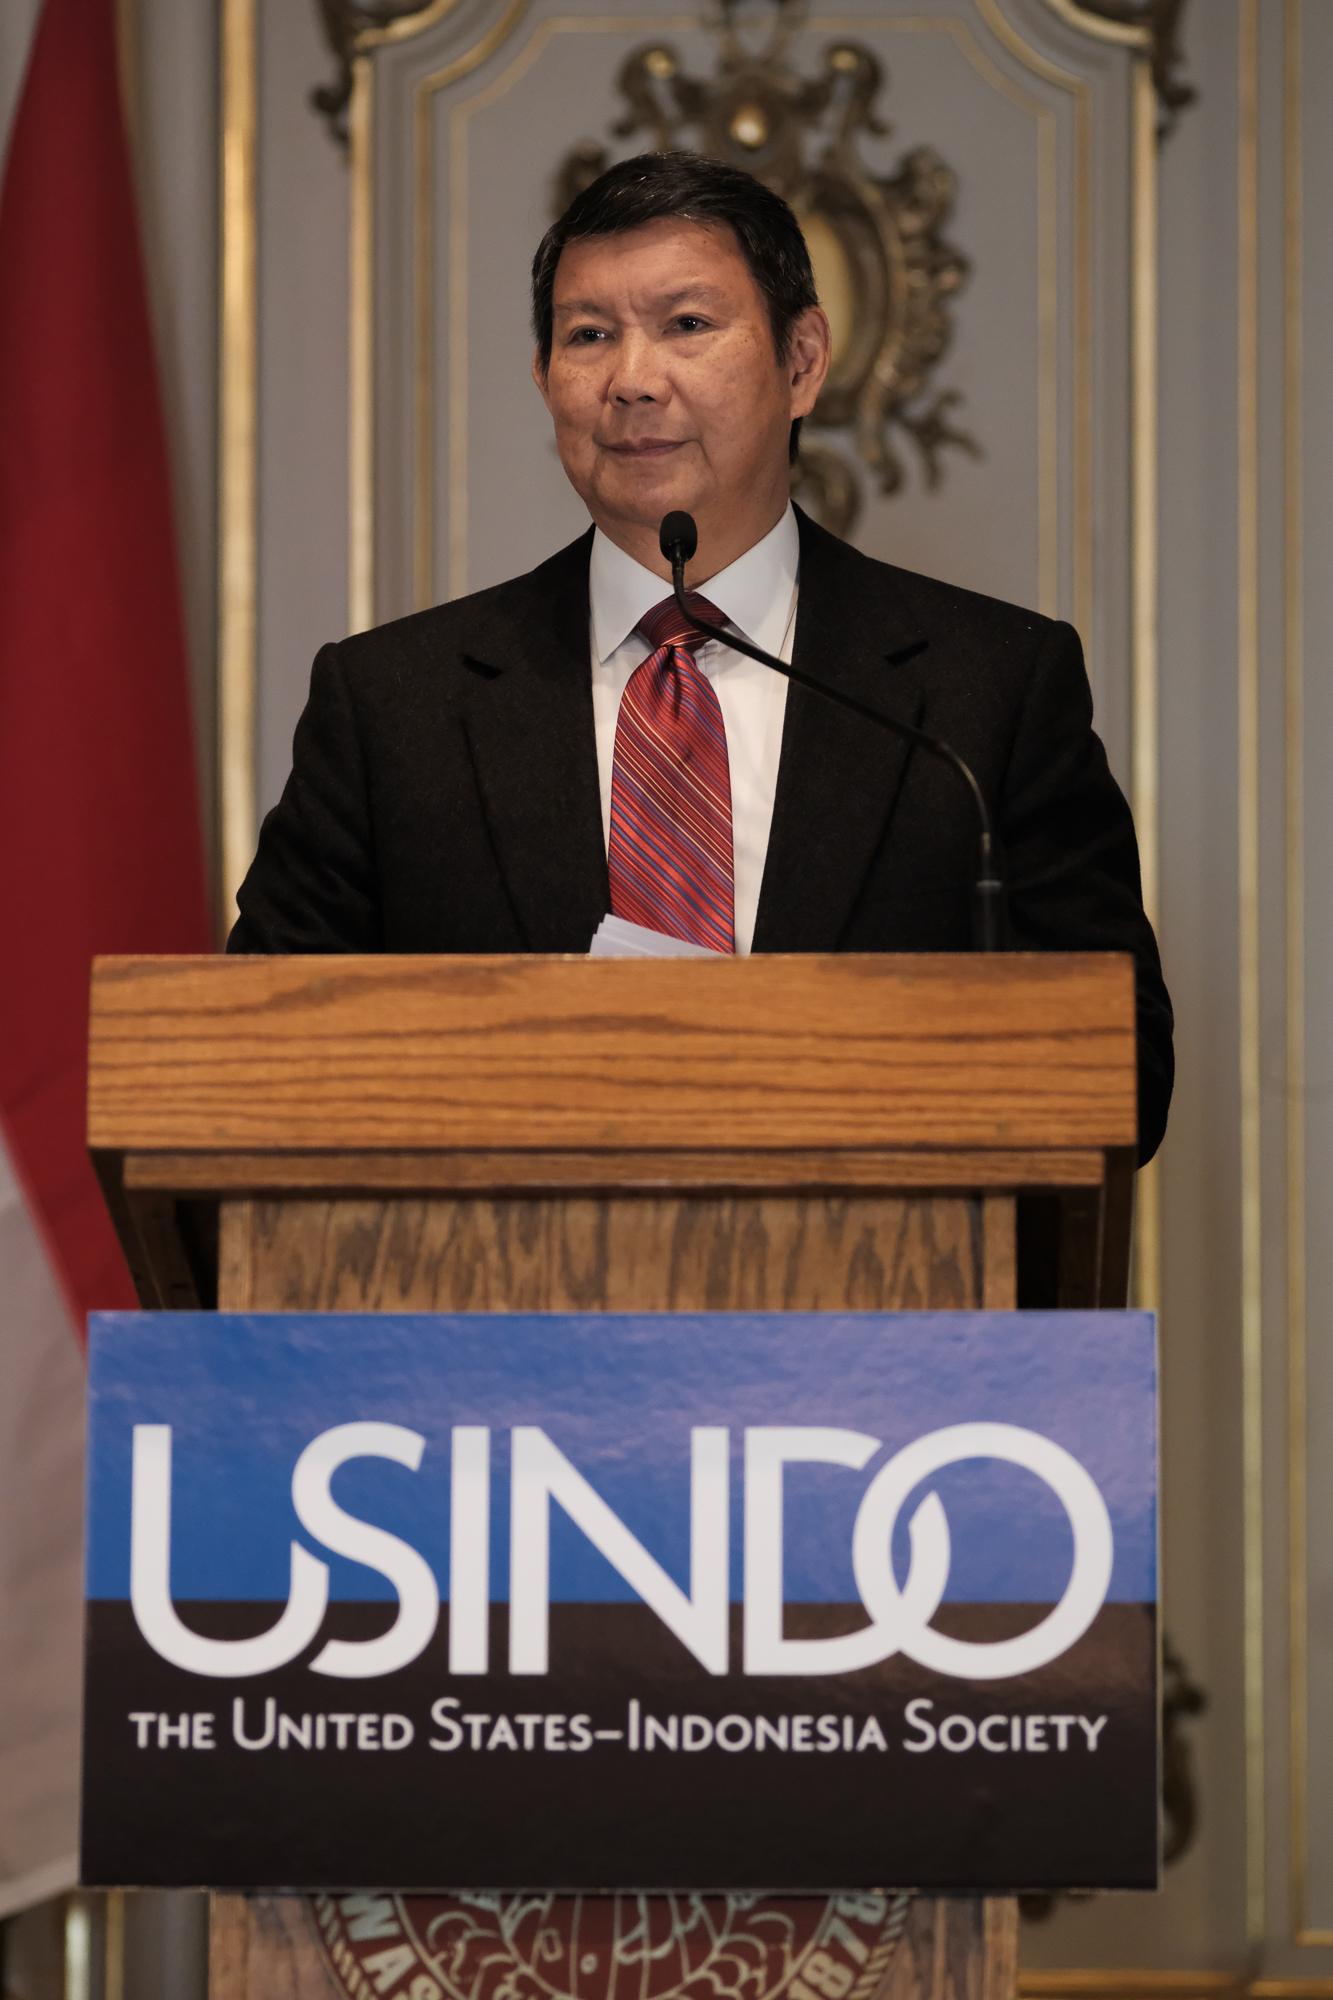 USINDO201902-1123.jpg